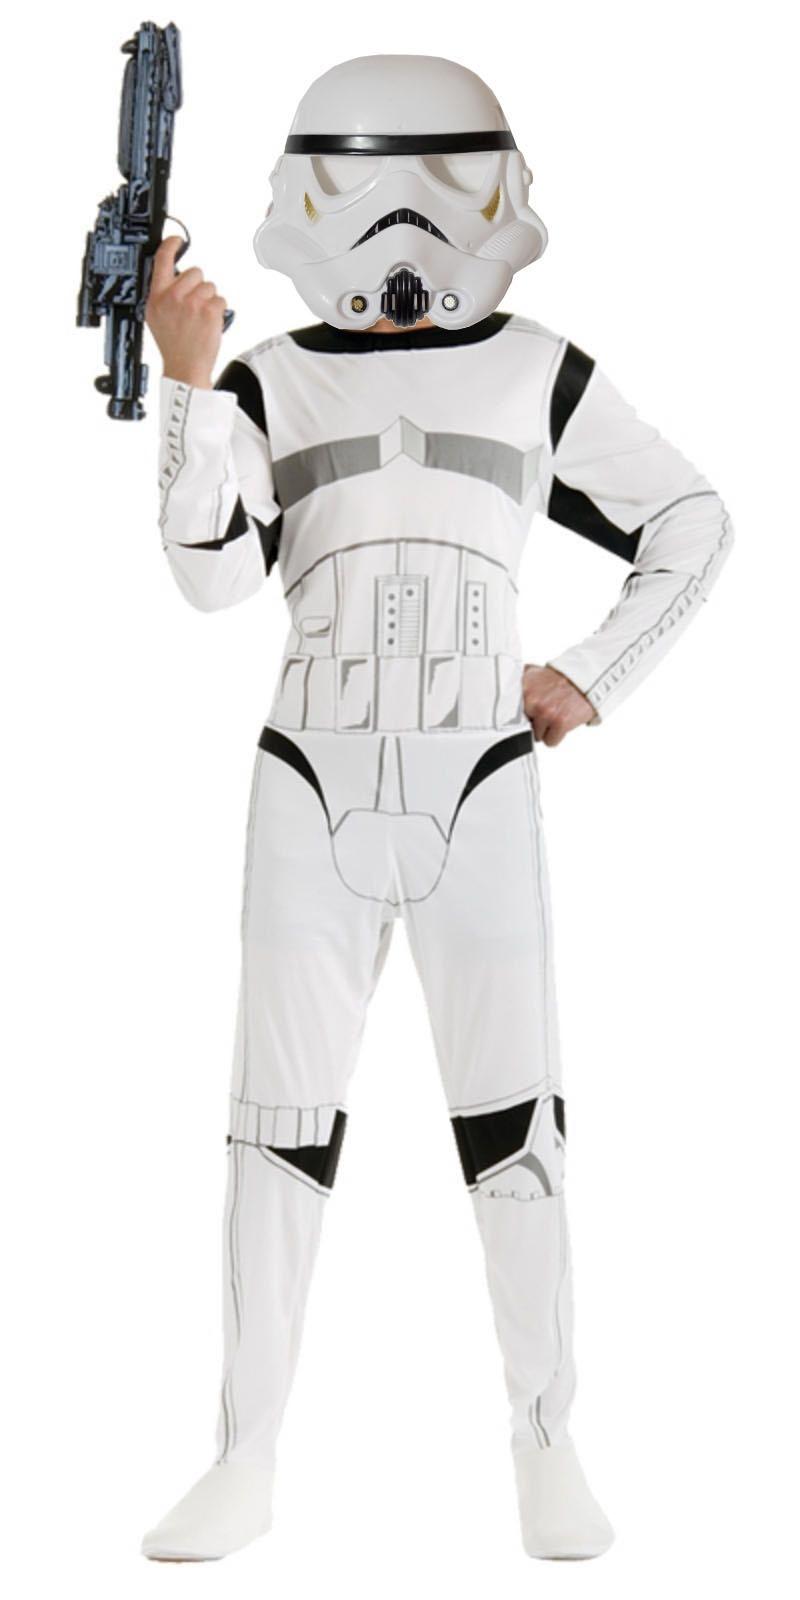 Костюм Штурмовика с маской (48-50) детский костюм штурмовика огнеметчика 30